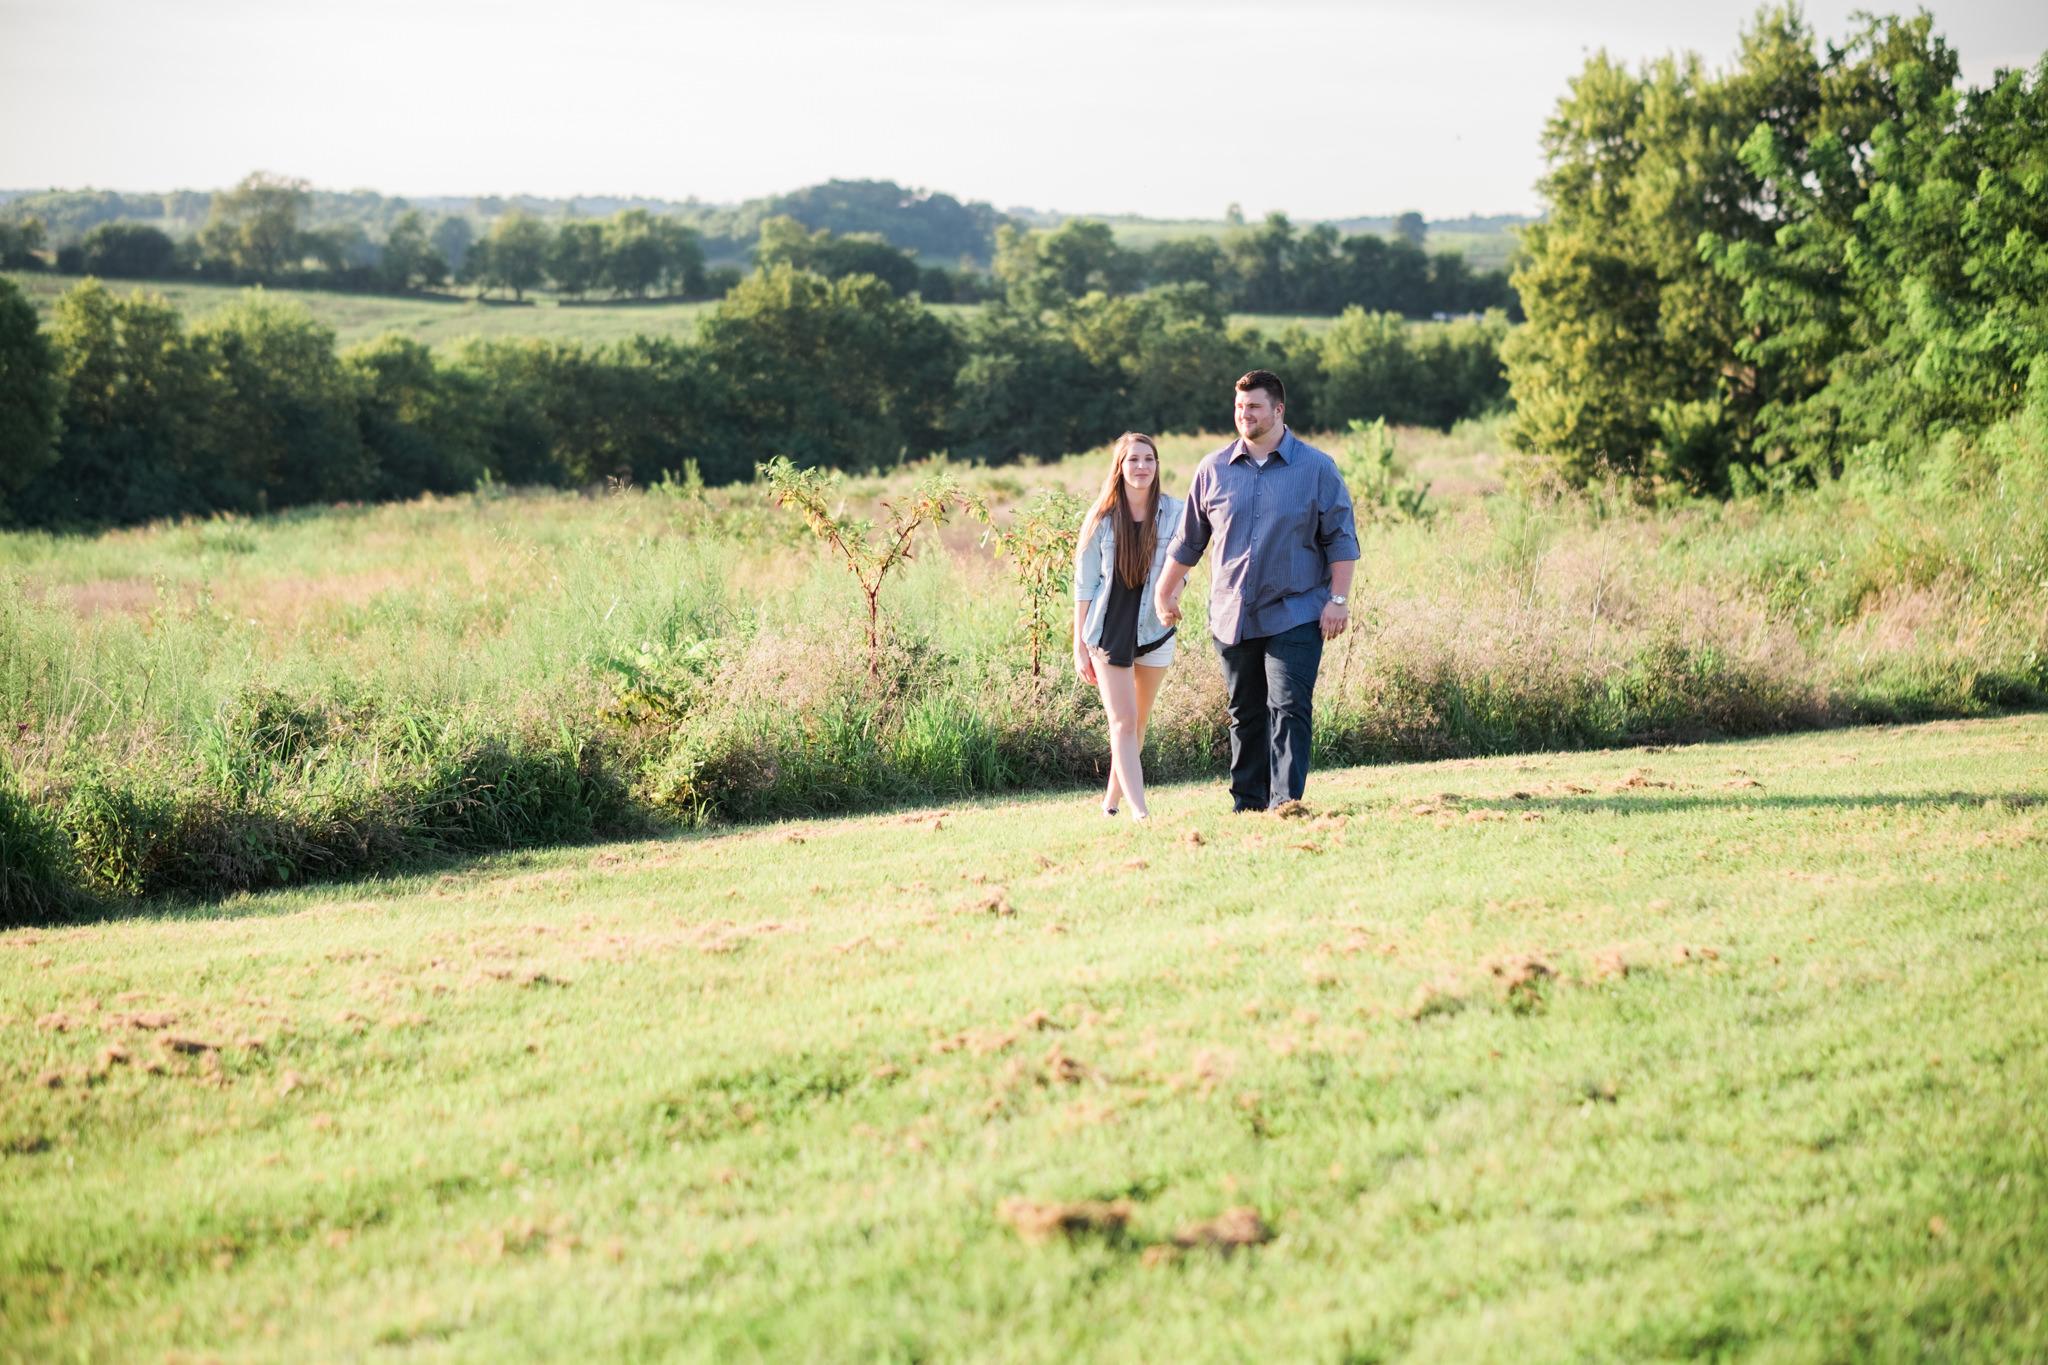 Callie&Dustin_Engagement_Blog_0012.jpg